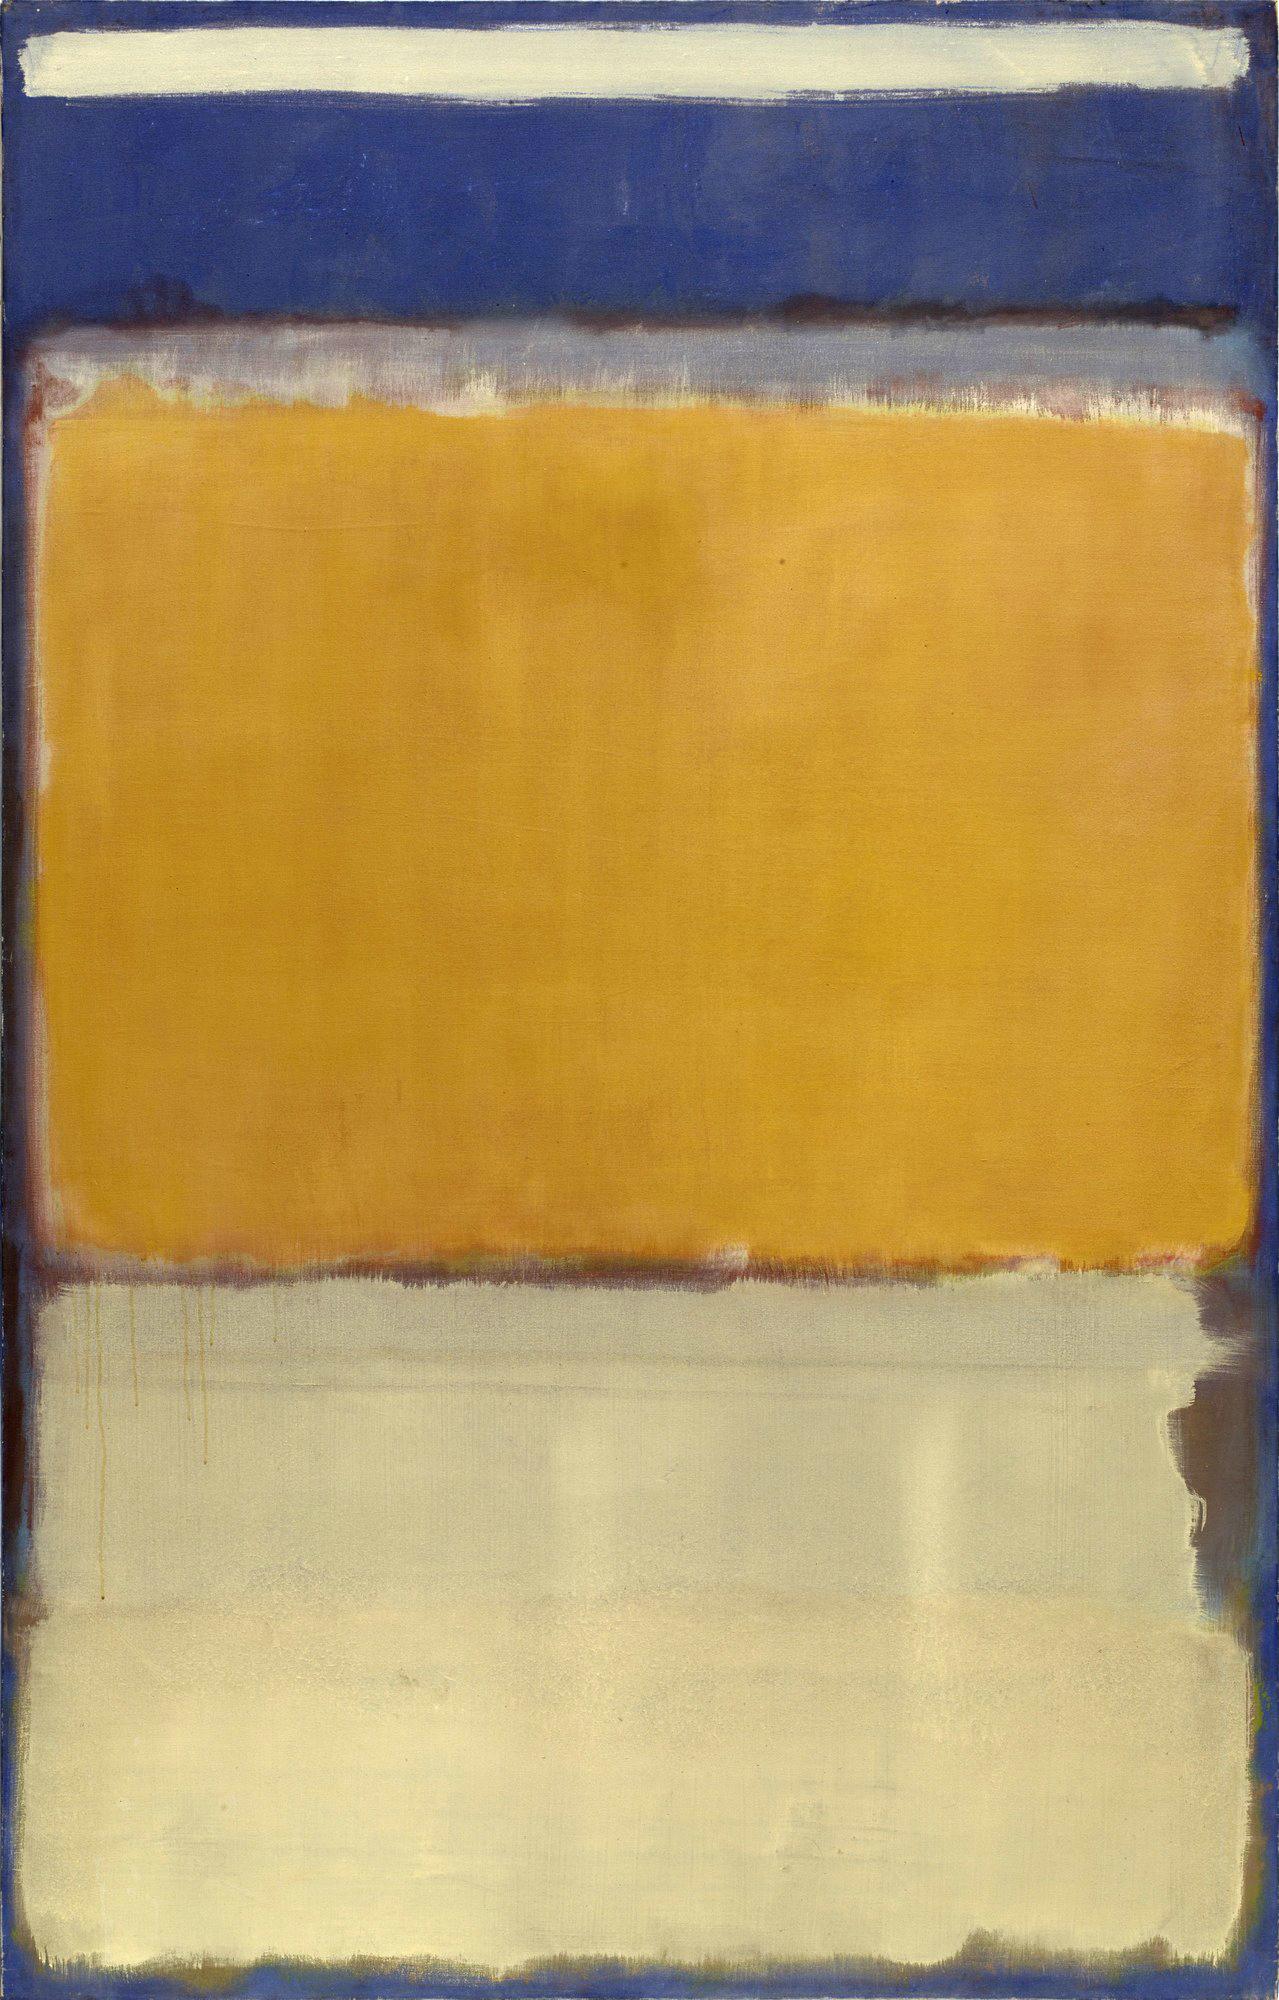 Mark Rothko,  No. 10 , 1950